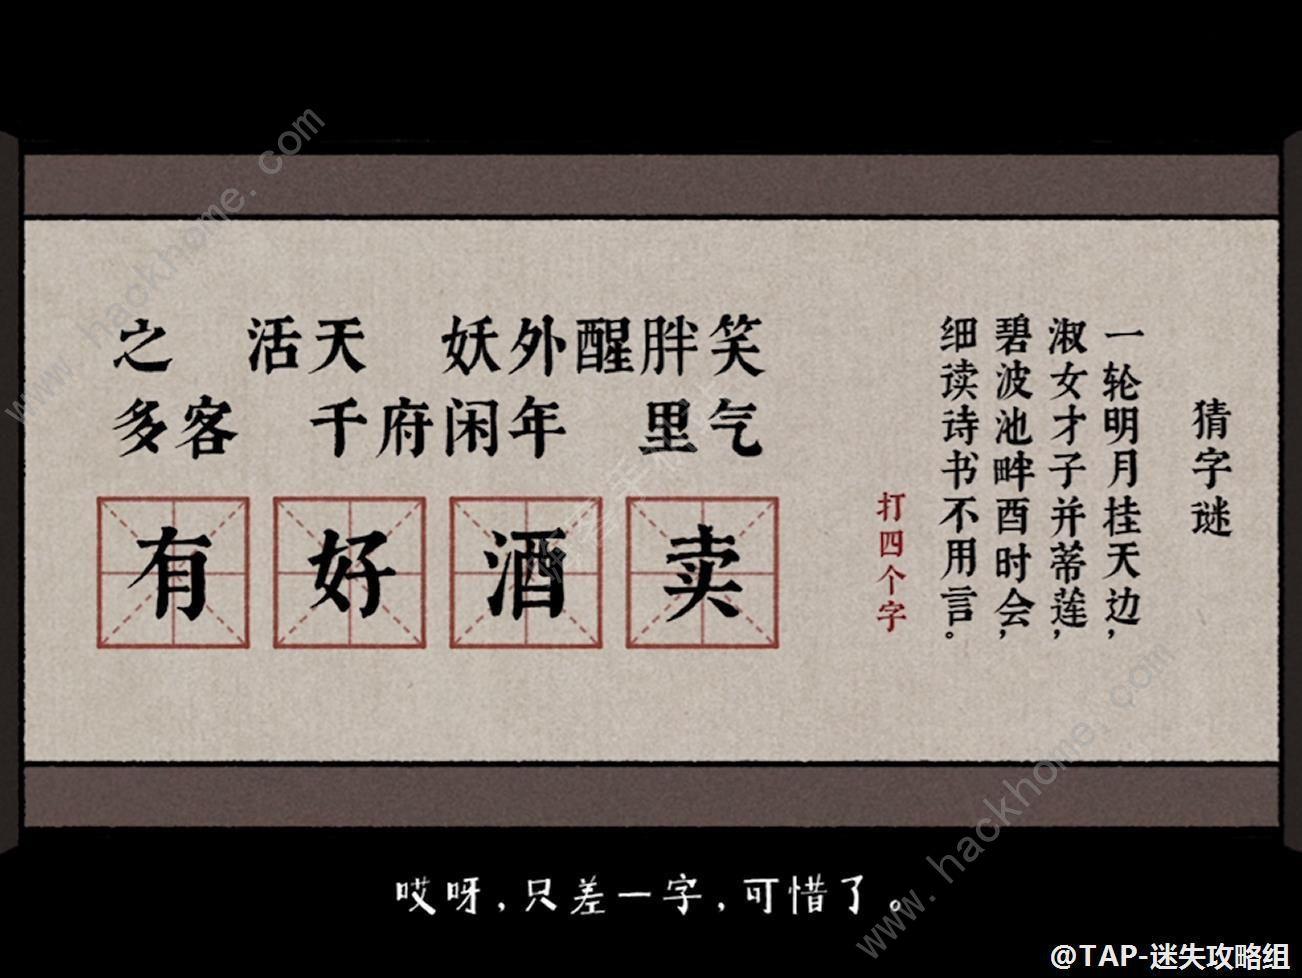 古镜记字谜答案是什么 字谜答案攻略[多图]图片2